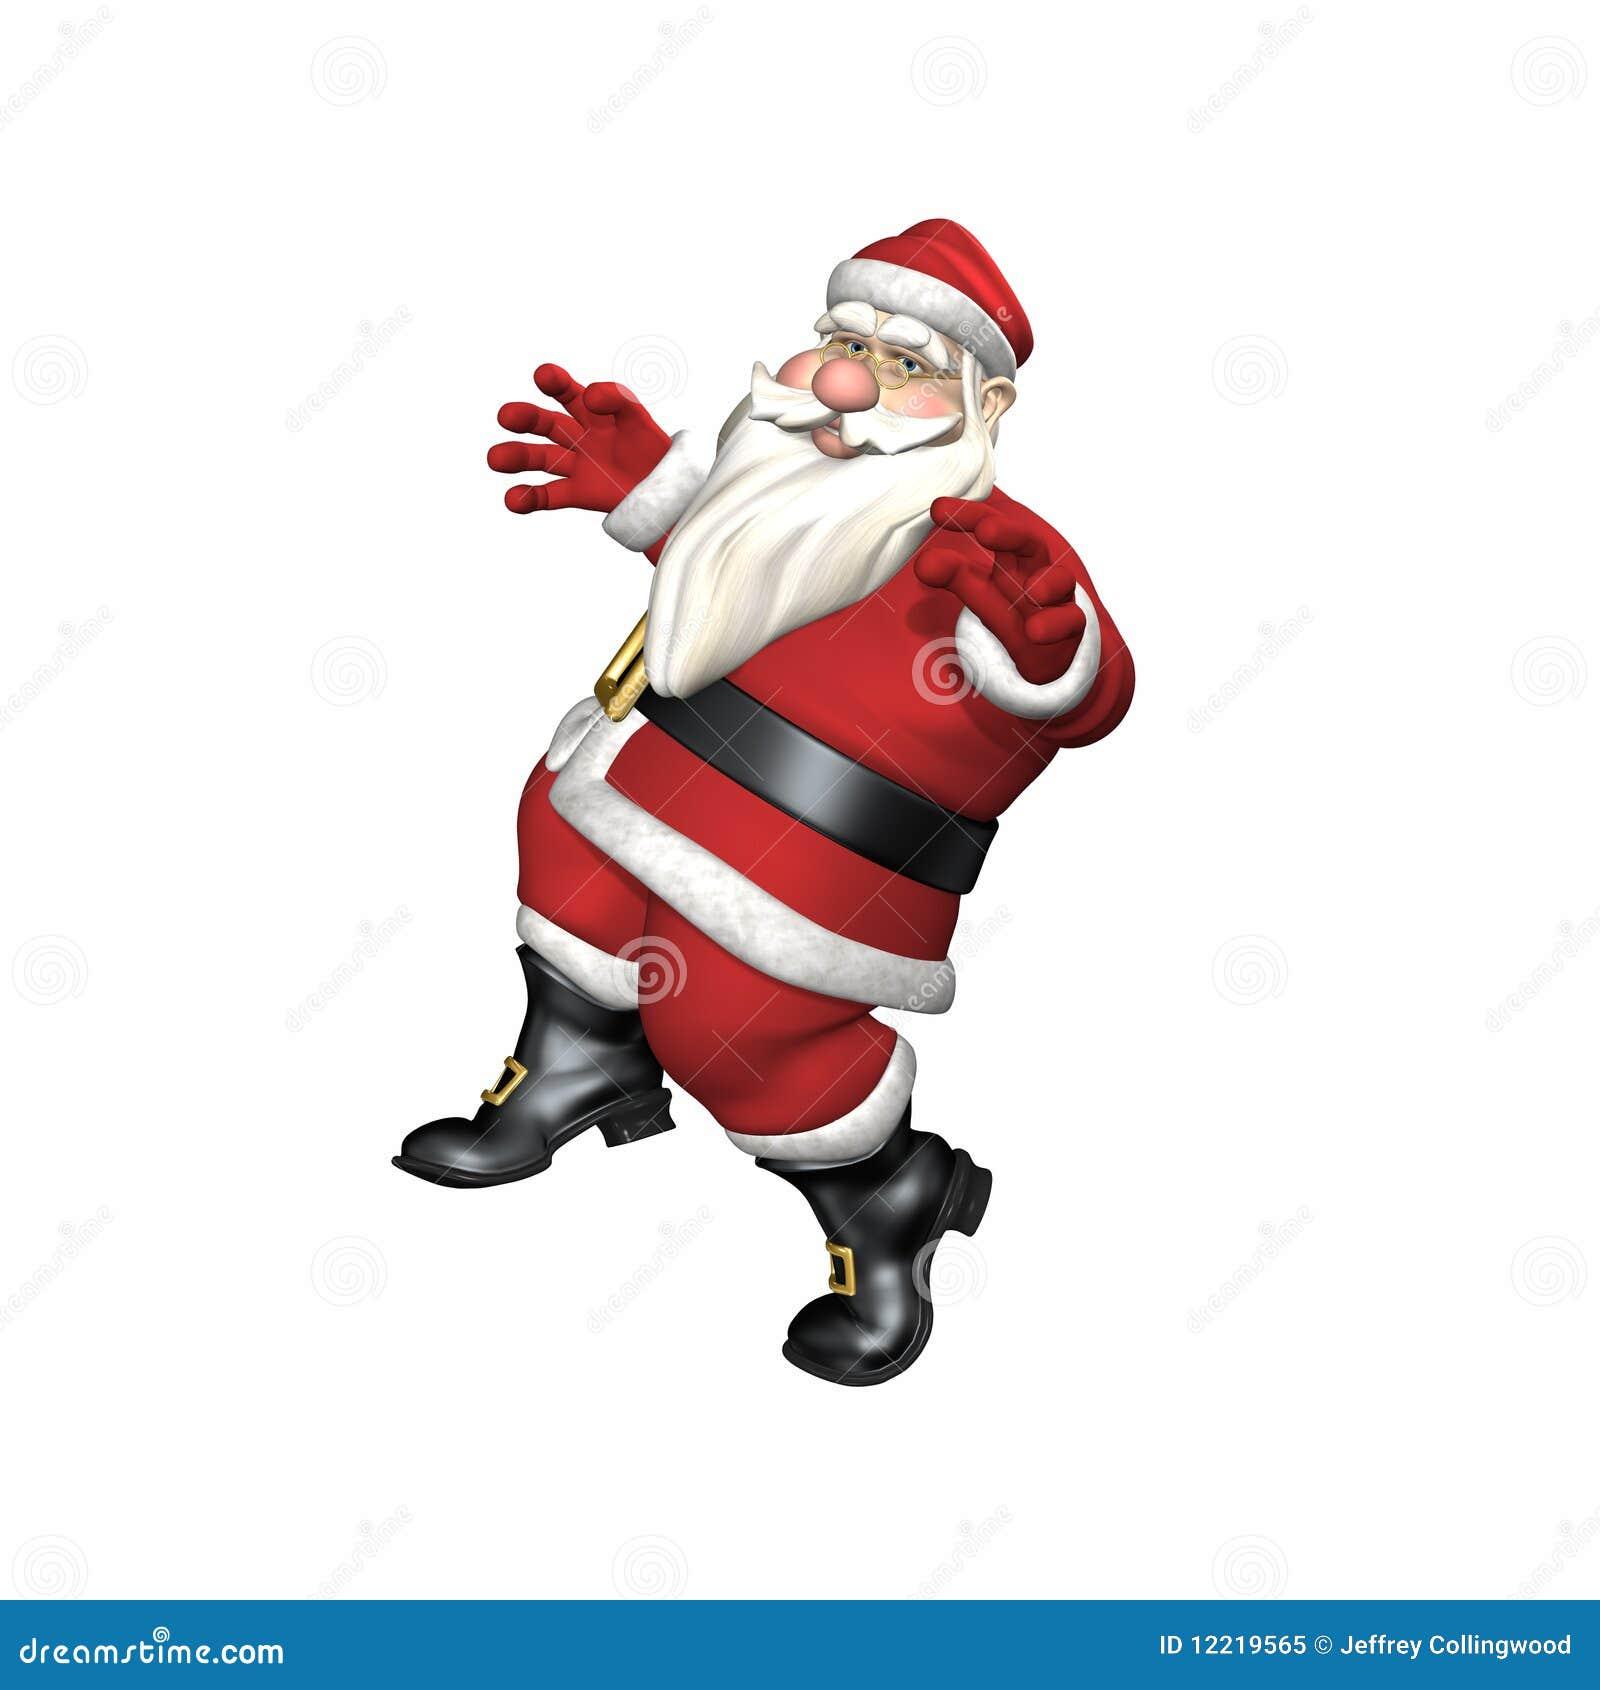 Santa tiptoeing royalty free stock photo image